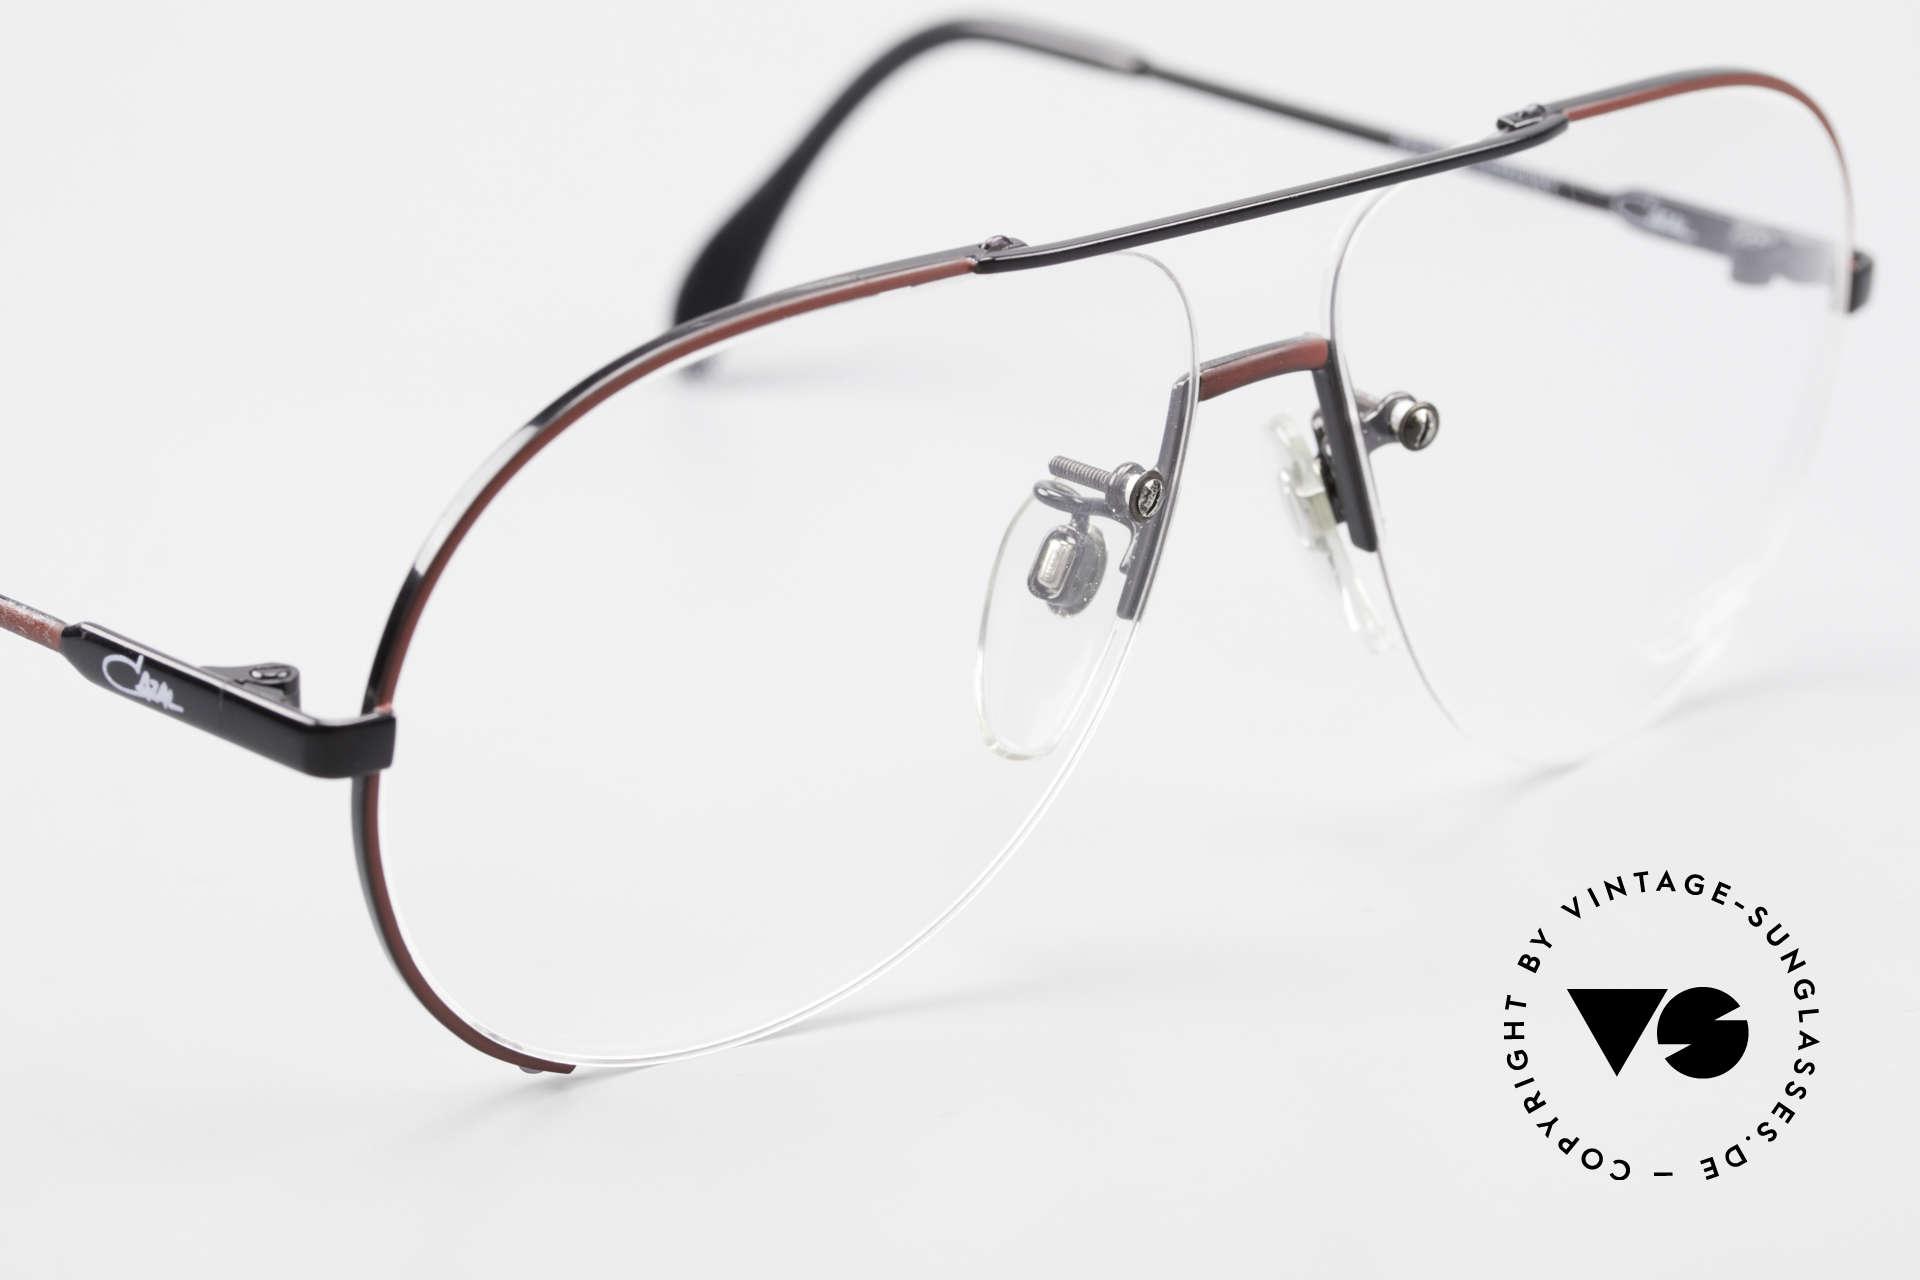 Cazal 723 Rimless 80's Aviator Glasses, unworn (like all our 80's Cazal eyewear); size 60/13, Made for Men